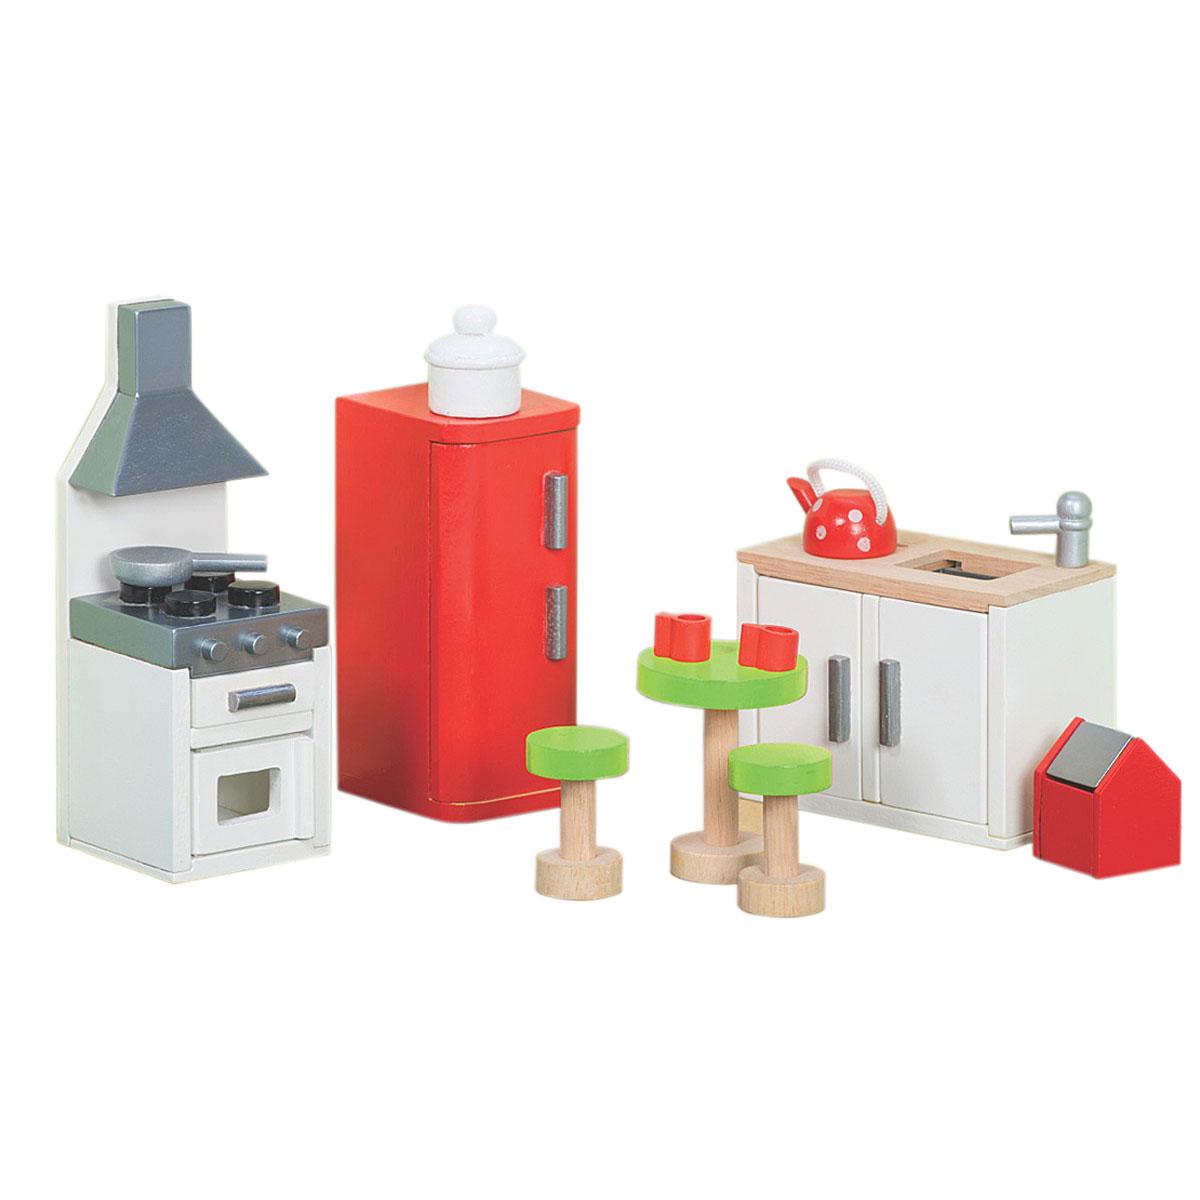 le toy van sugar plum küche | puppenhausmöbel bei pirum kaufen